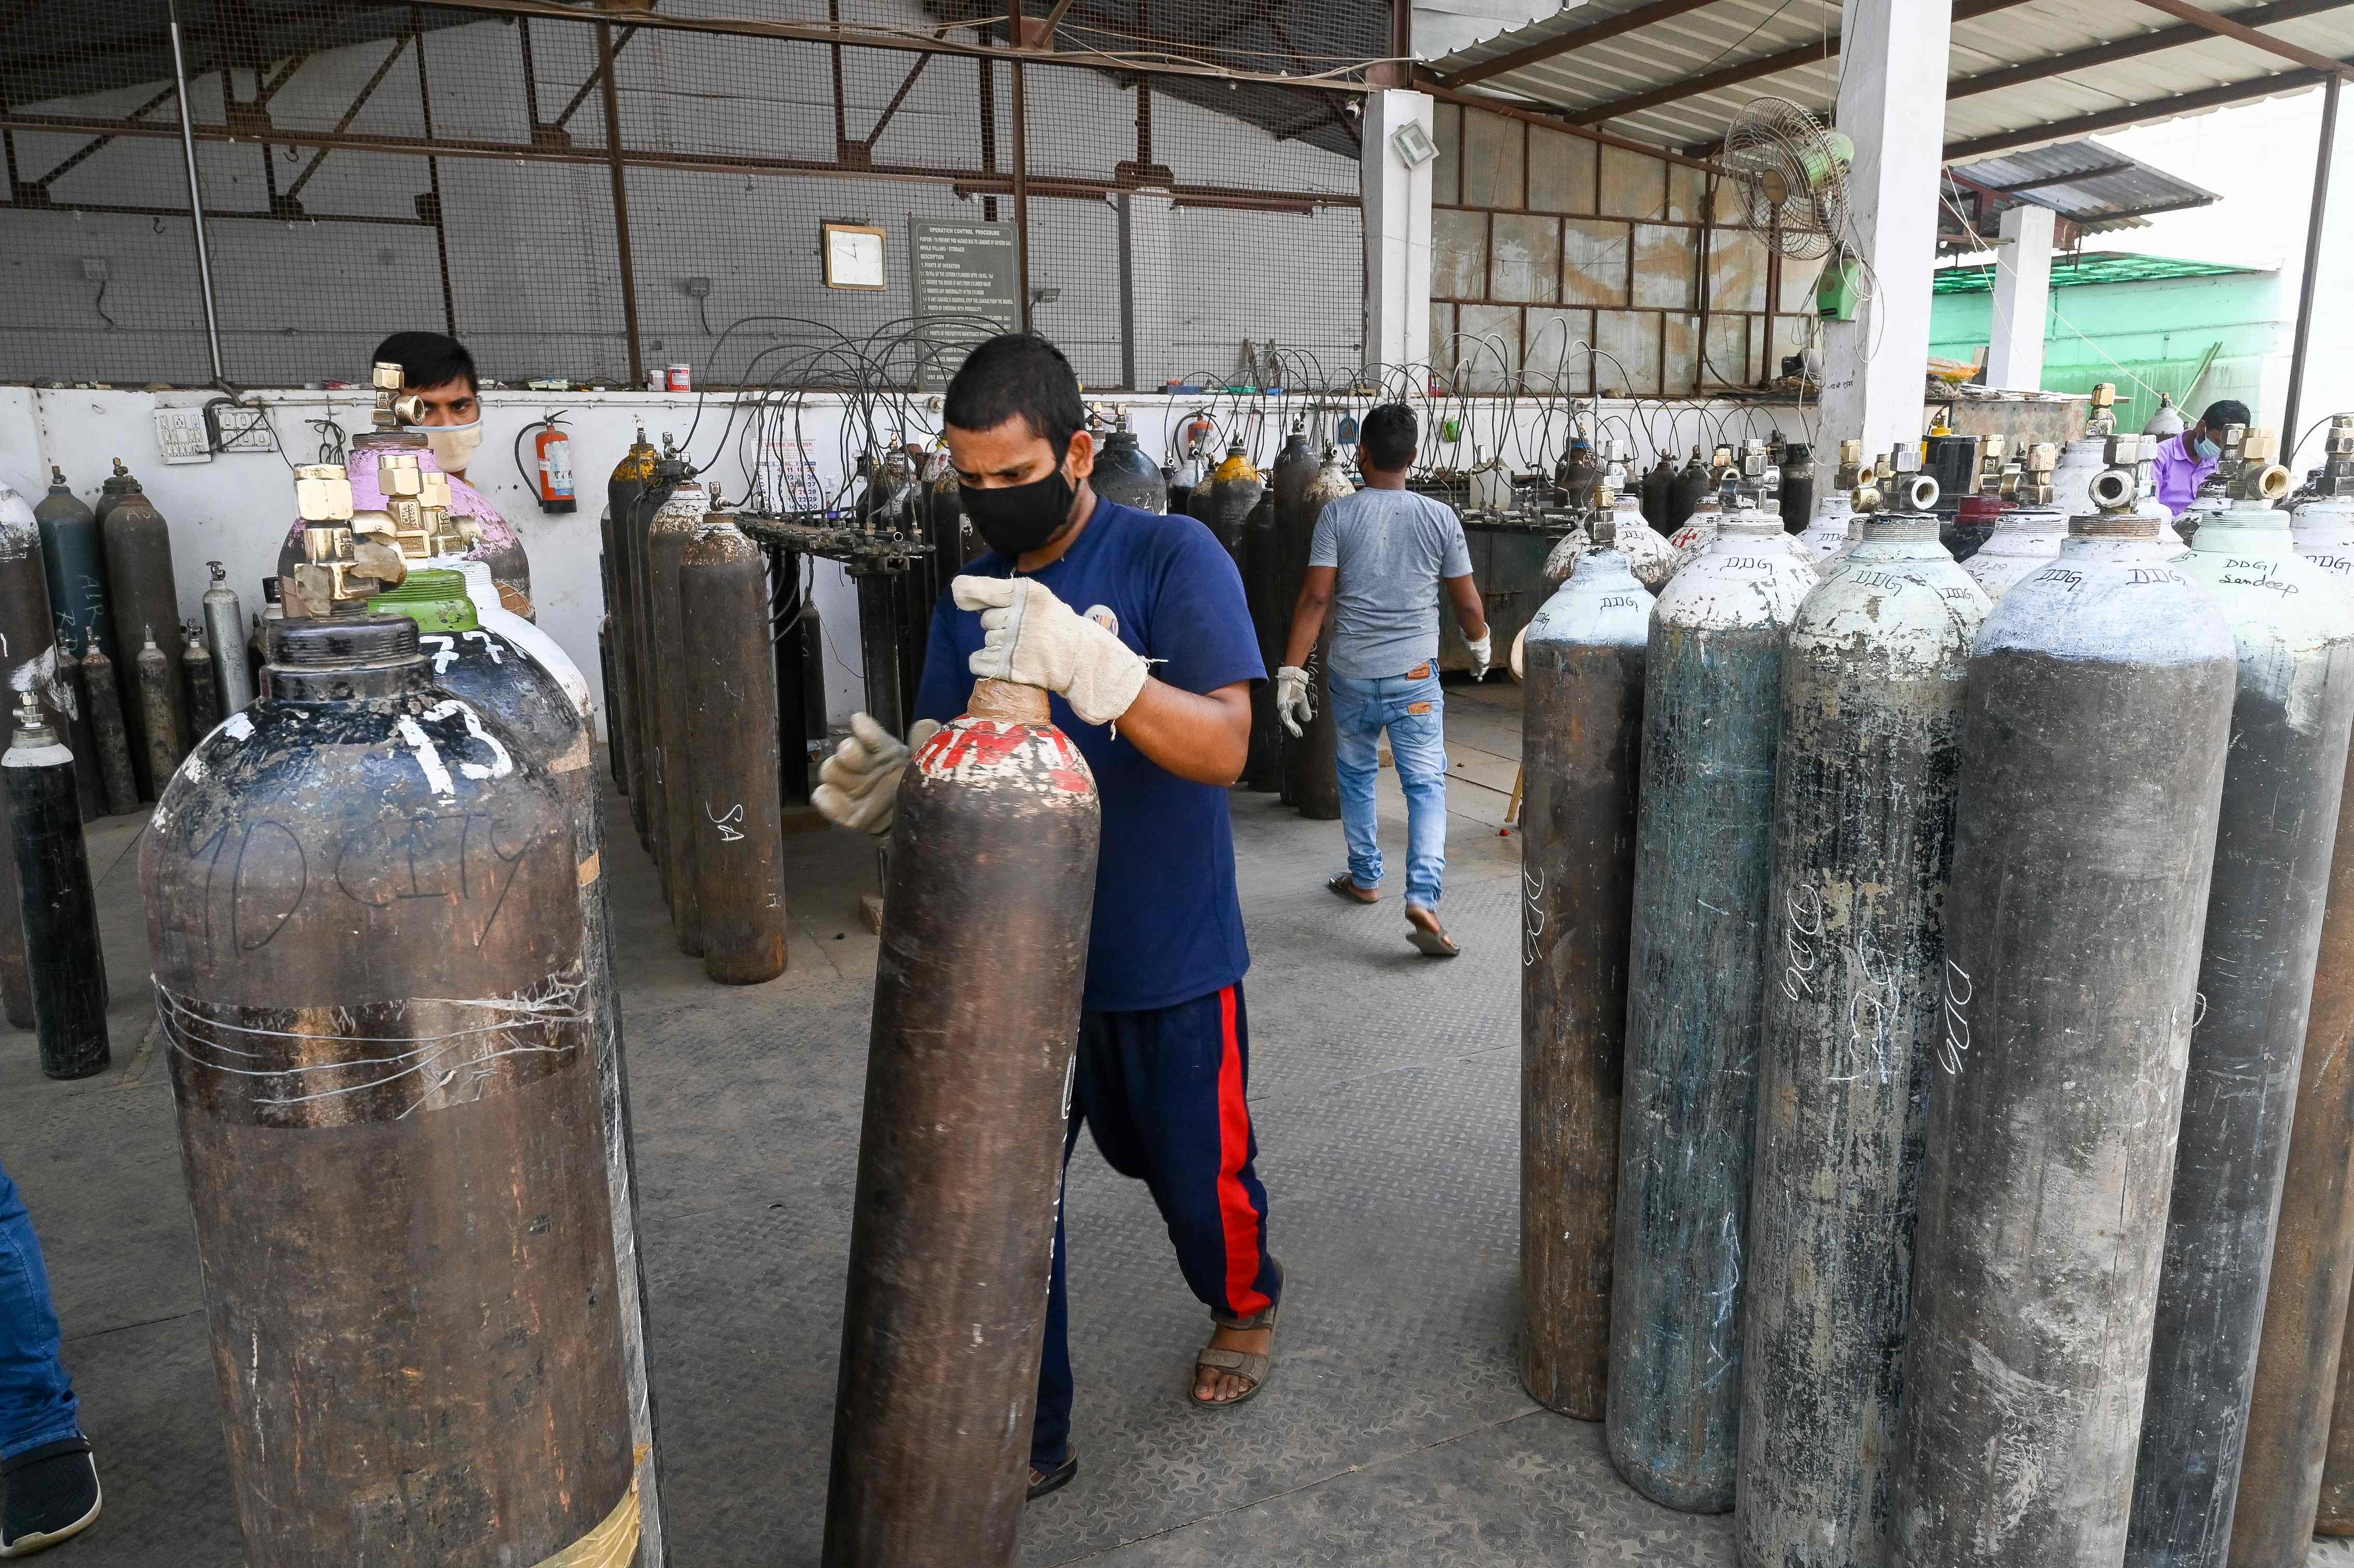 Un trabajador transporta bombonas de oxígeno para uso sanitario en Delhi.